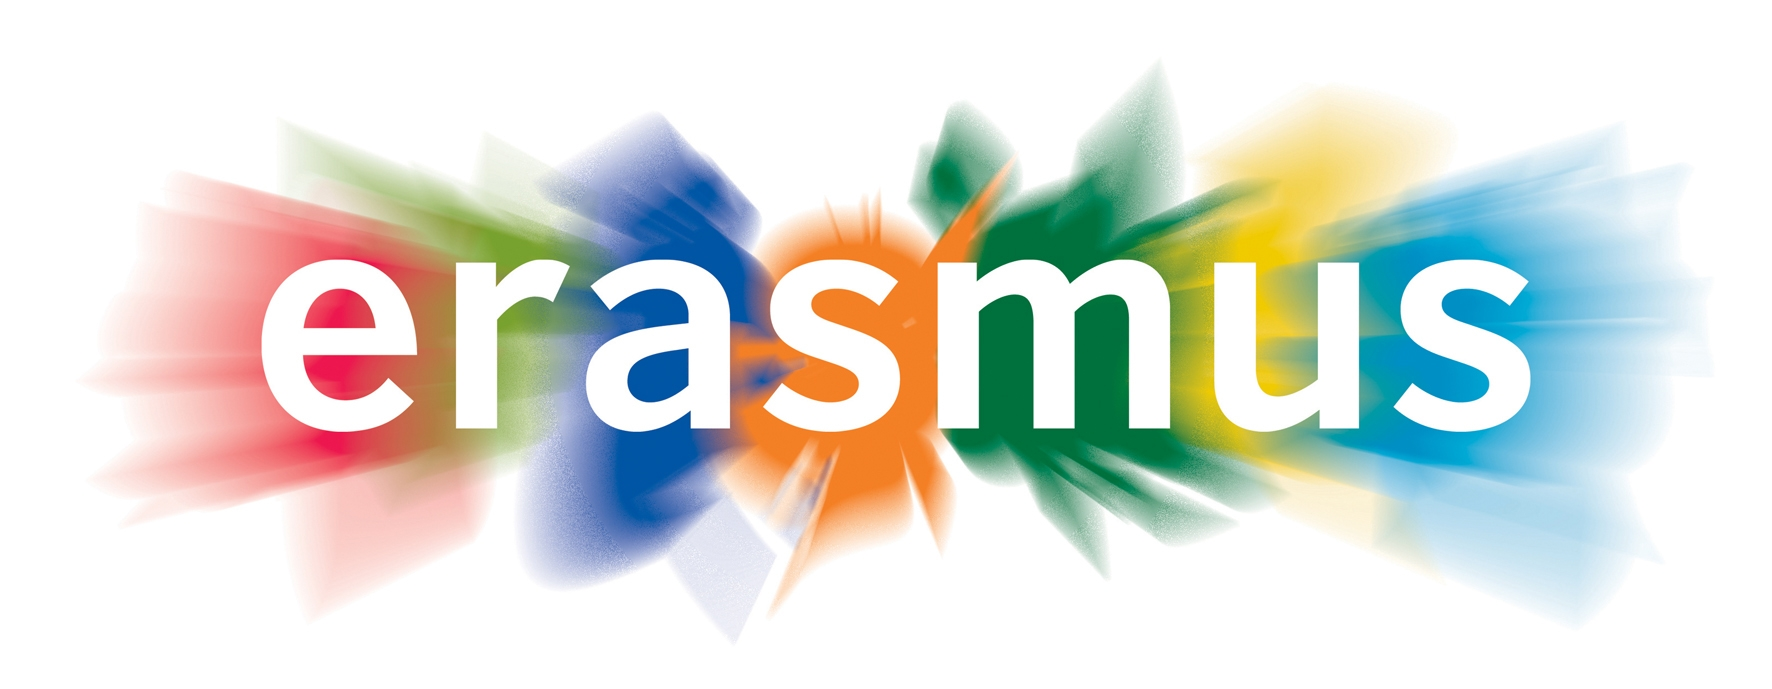 Erasmus a rischio chiusura